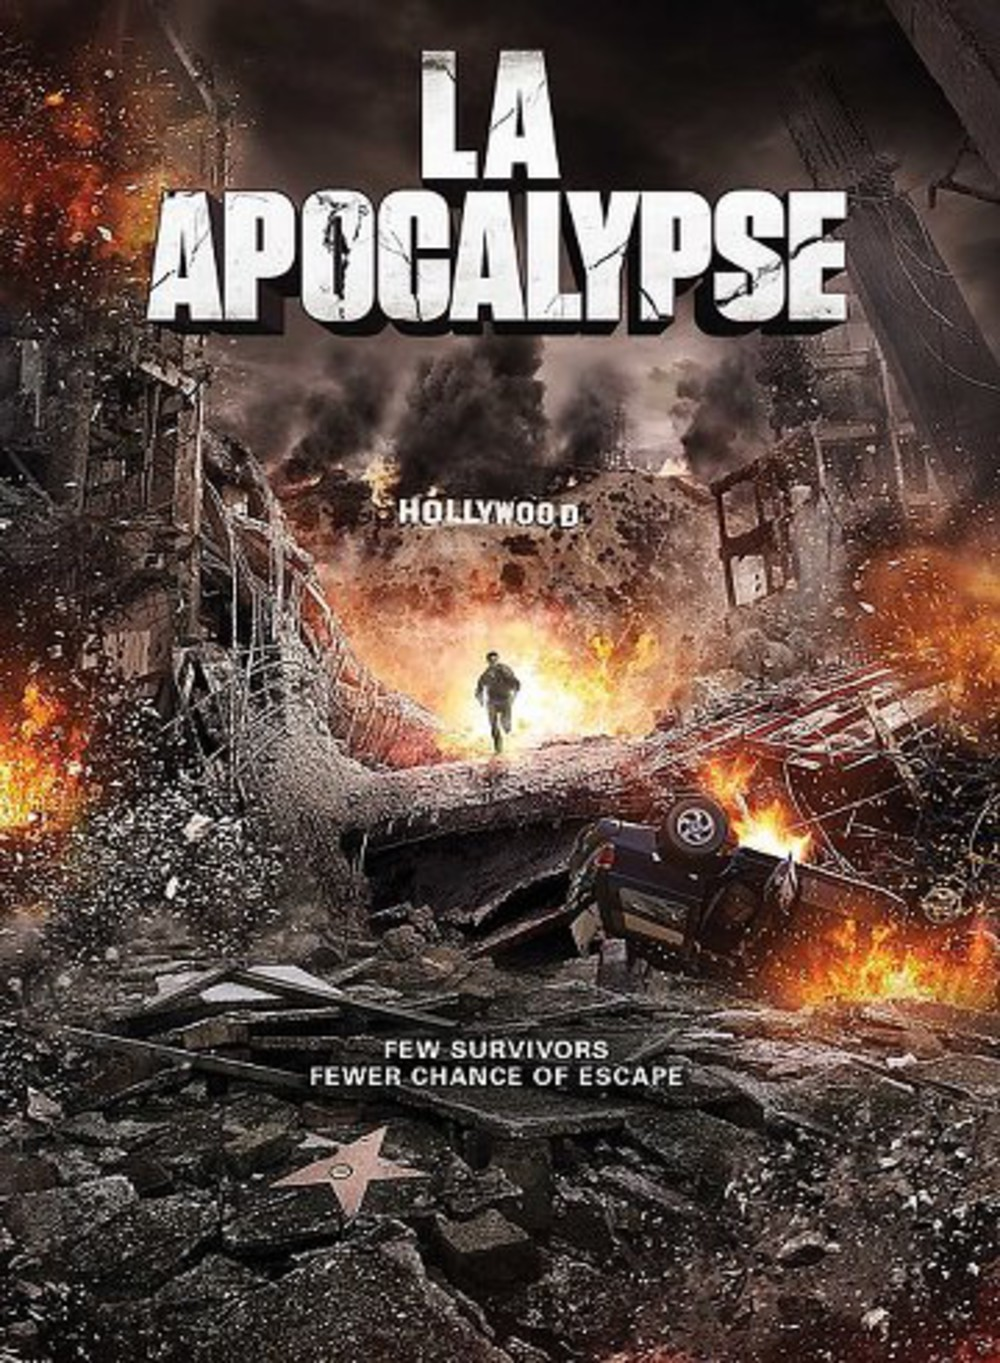 affiche du film Apocalypse Los Angeles